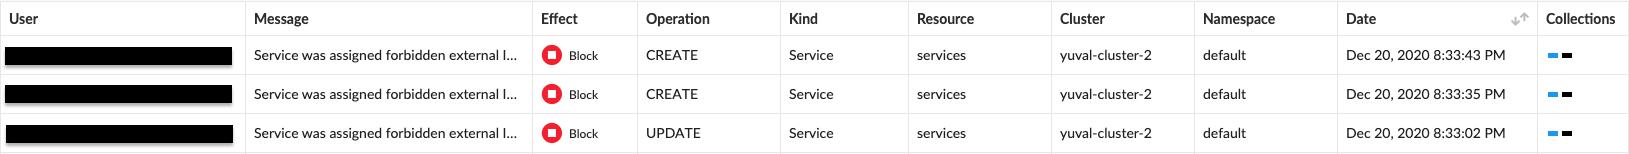 ルールが適用されると、CVE-2020-8554を悪用して禁止されている外部IPを公開するサービスを設定しようとしたさいにそれが失敗し、[Monitor/Event/Admission audits]でアラートがトリガーされます。